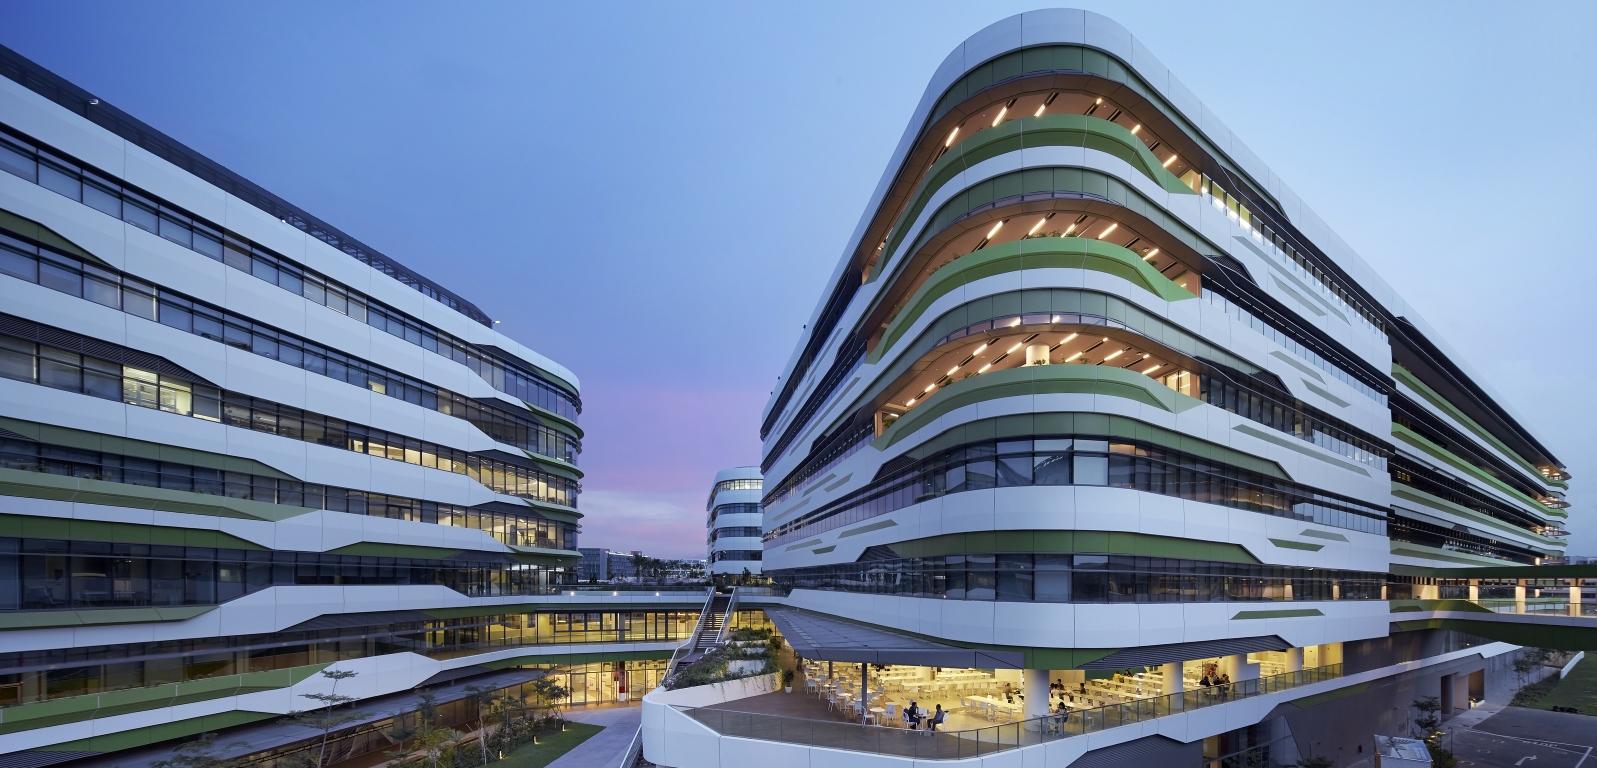 Beasiswa TERBARU Singapura 2022 (SINGA) Full di NTU, NUS, dan SUTD